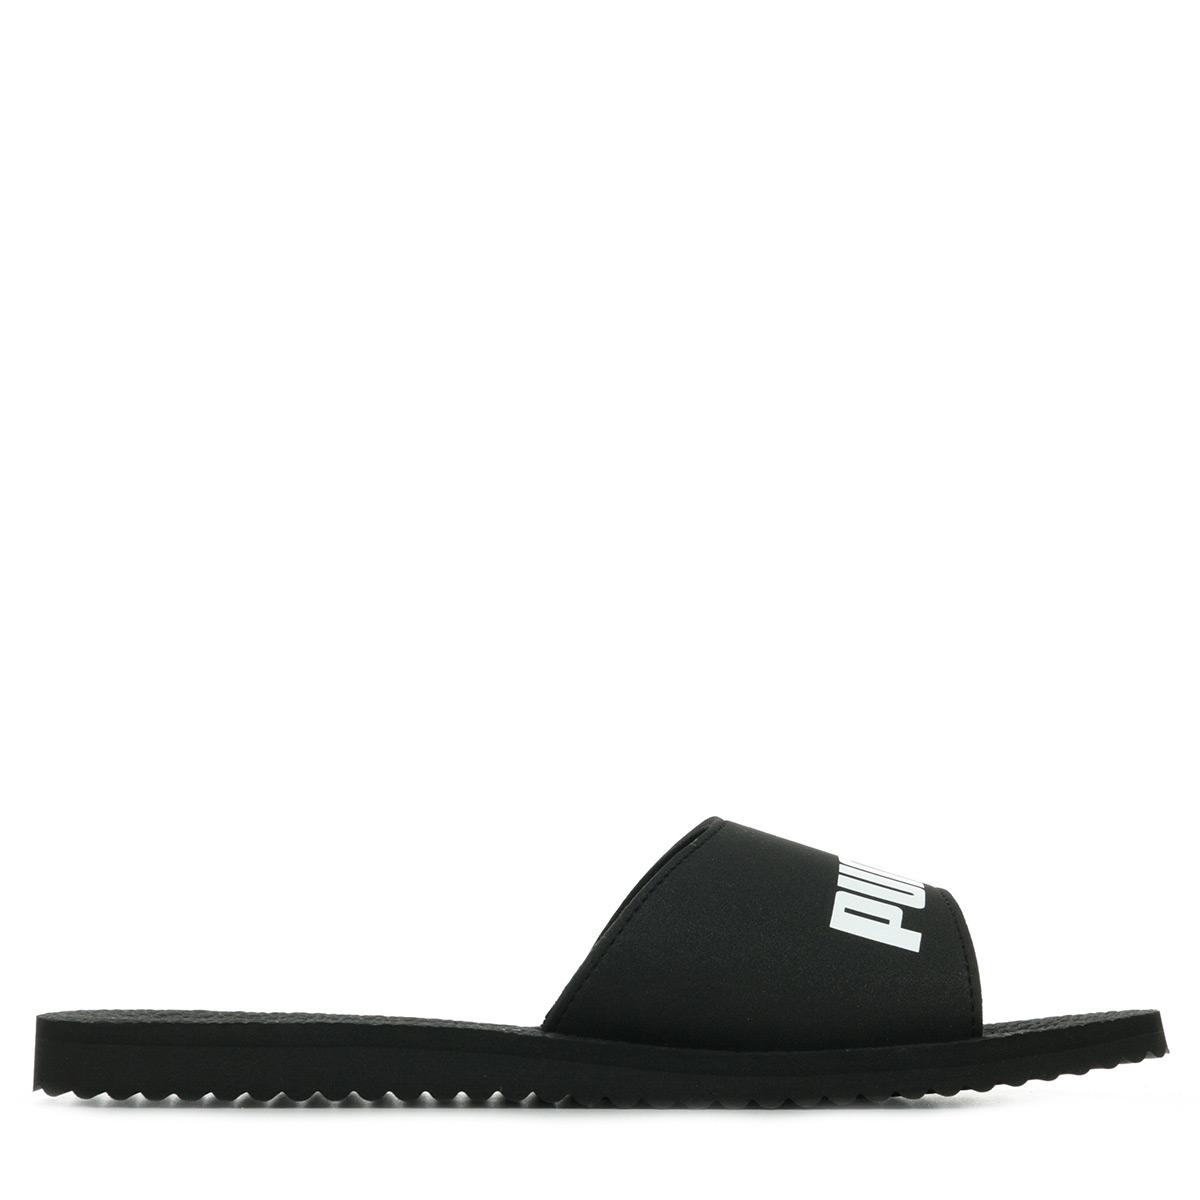 Détails sur Chaussures Claquettes Puma homme Purecat taille Noir Noire Synthétique A